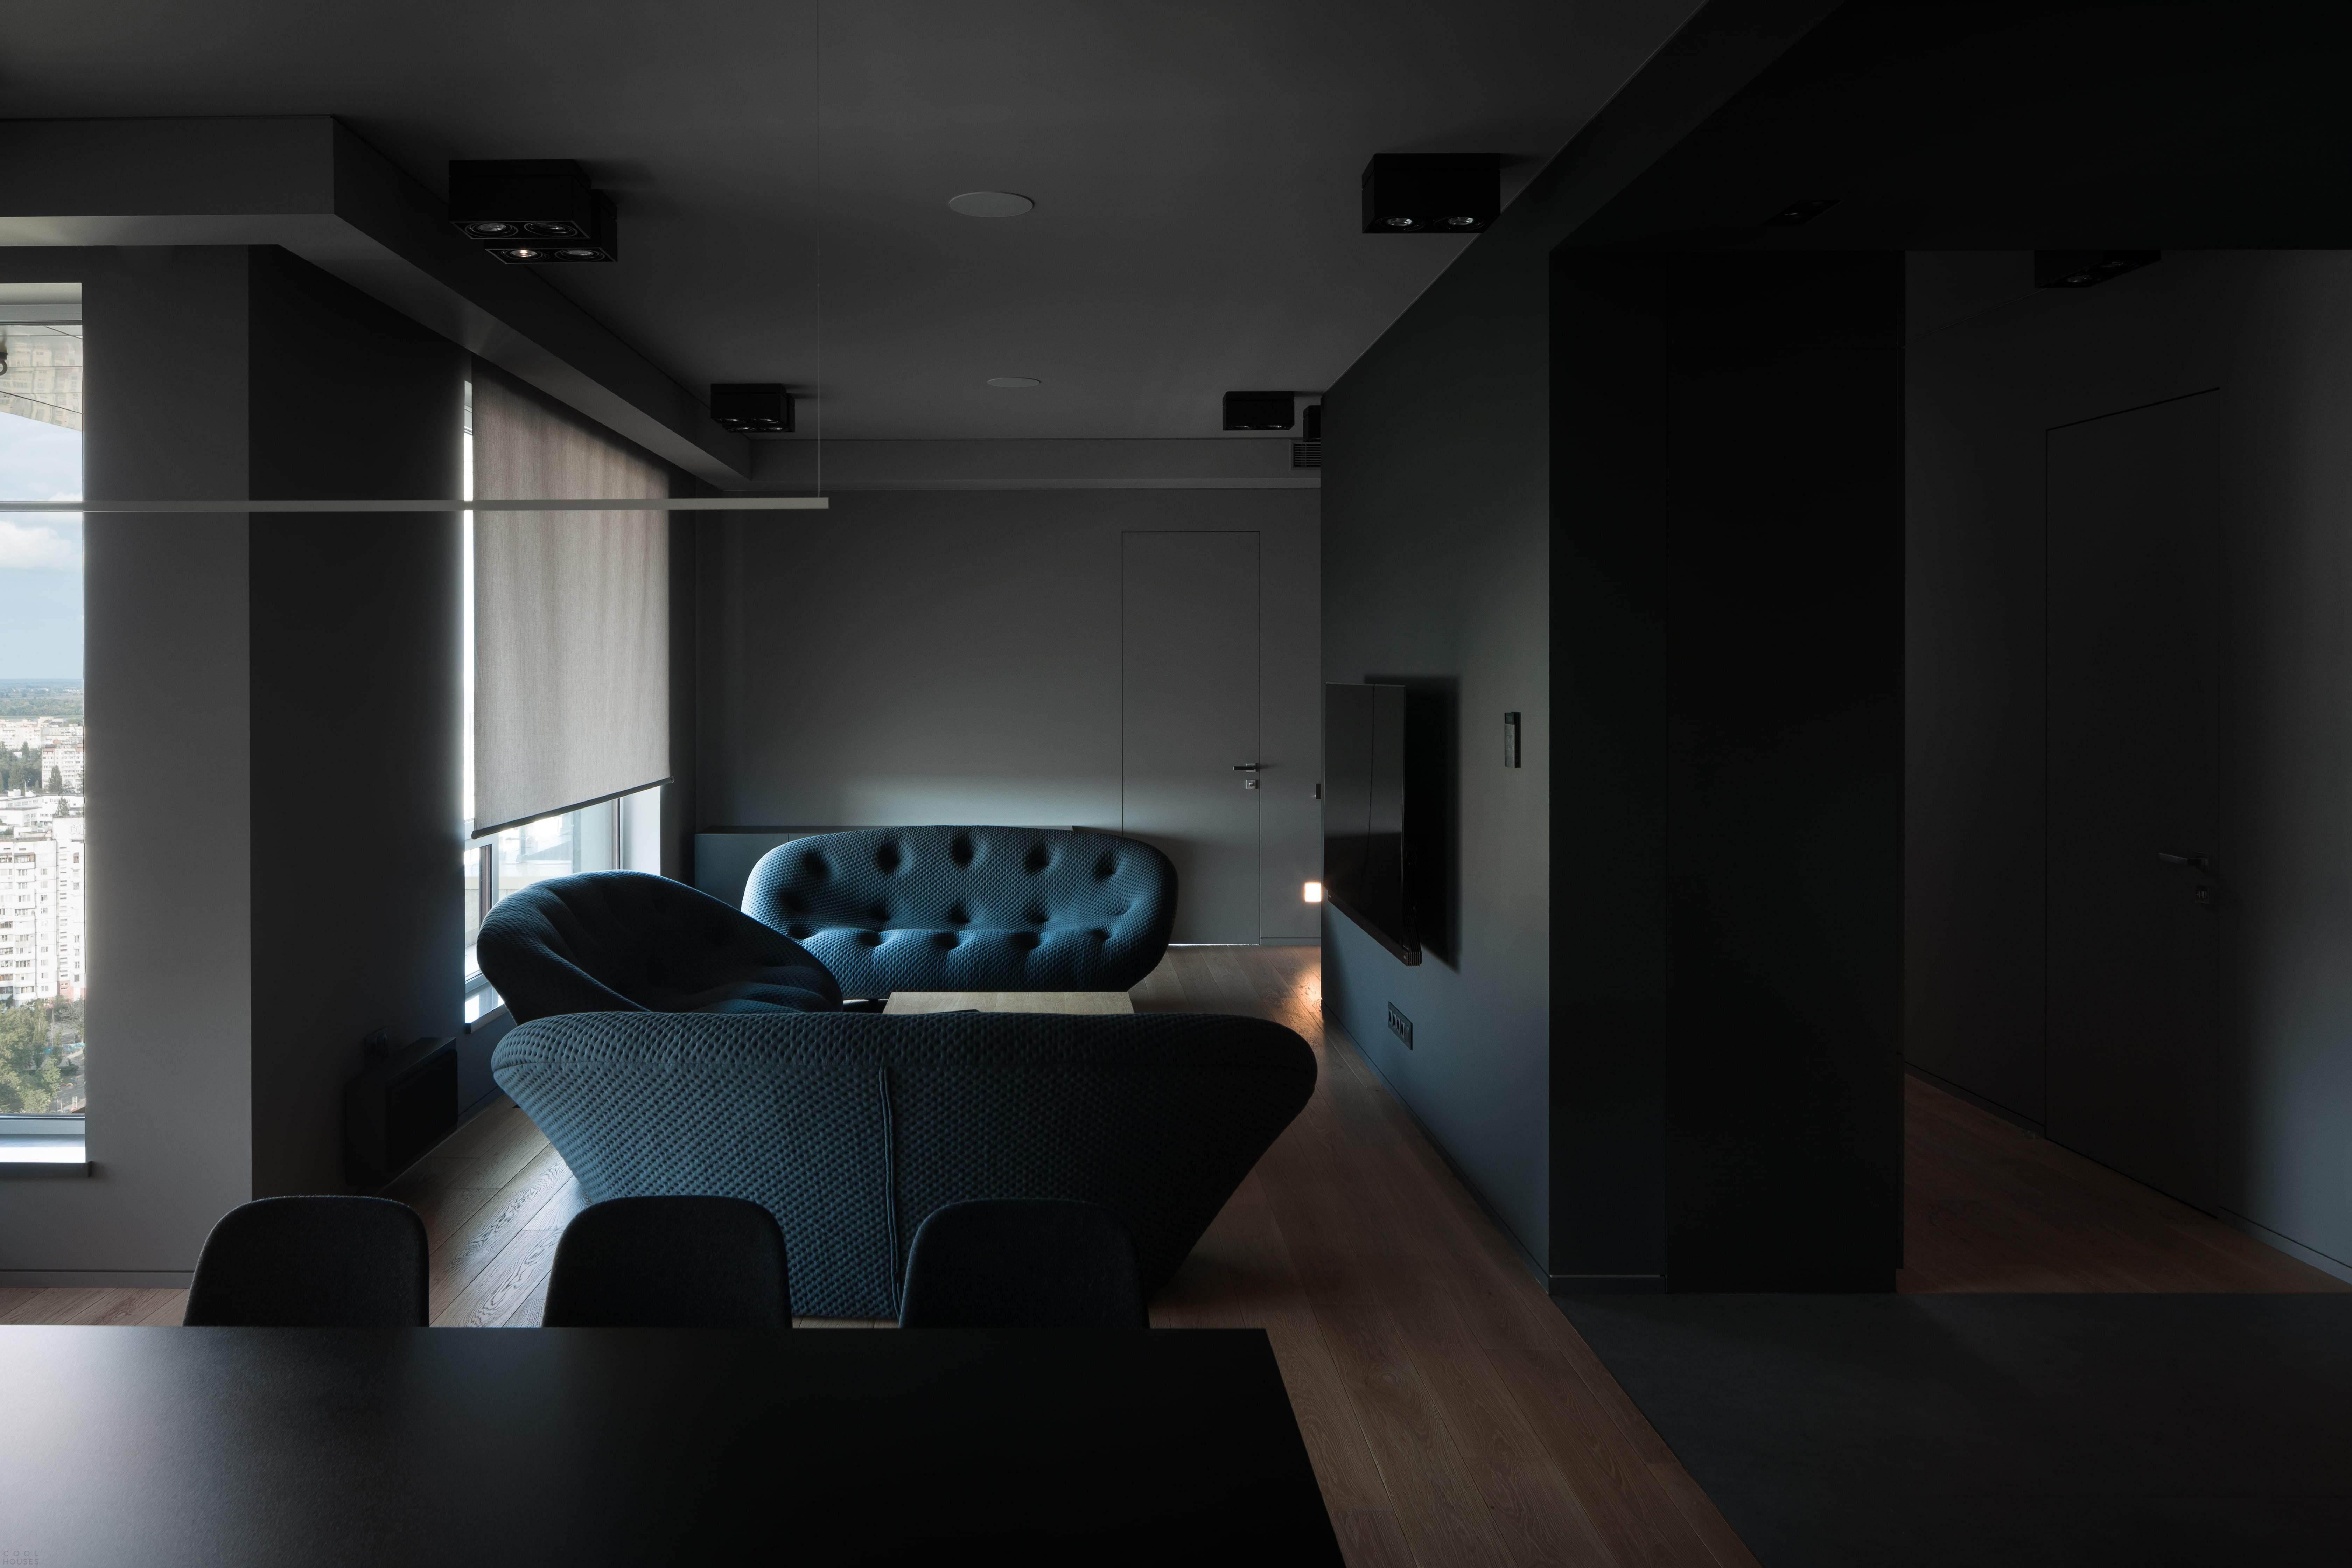 Современная квартира в стиле минимализма, Украина